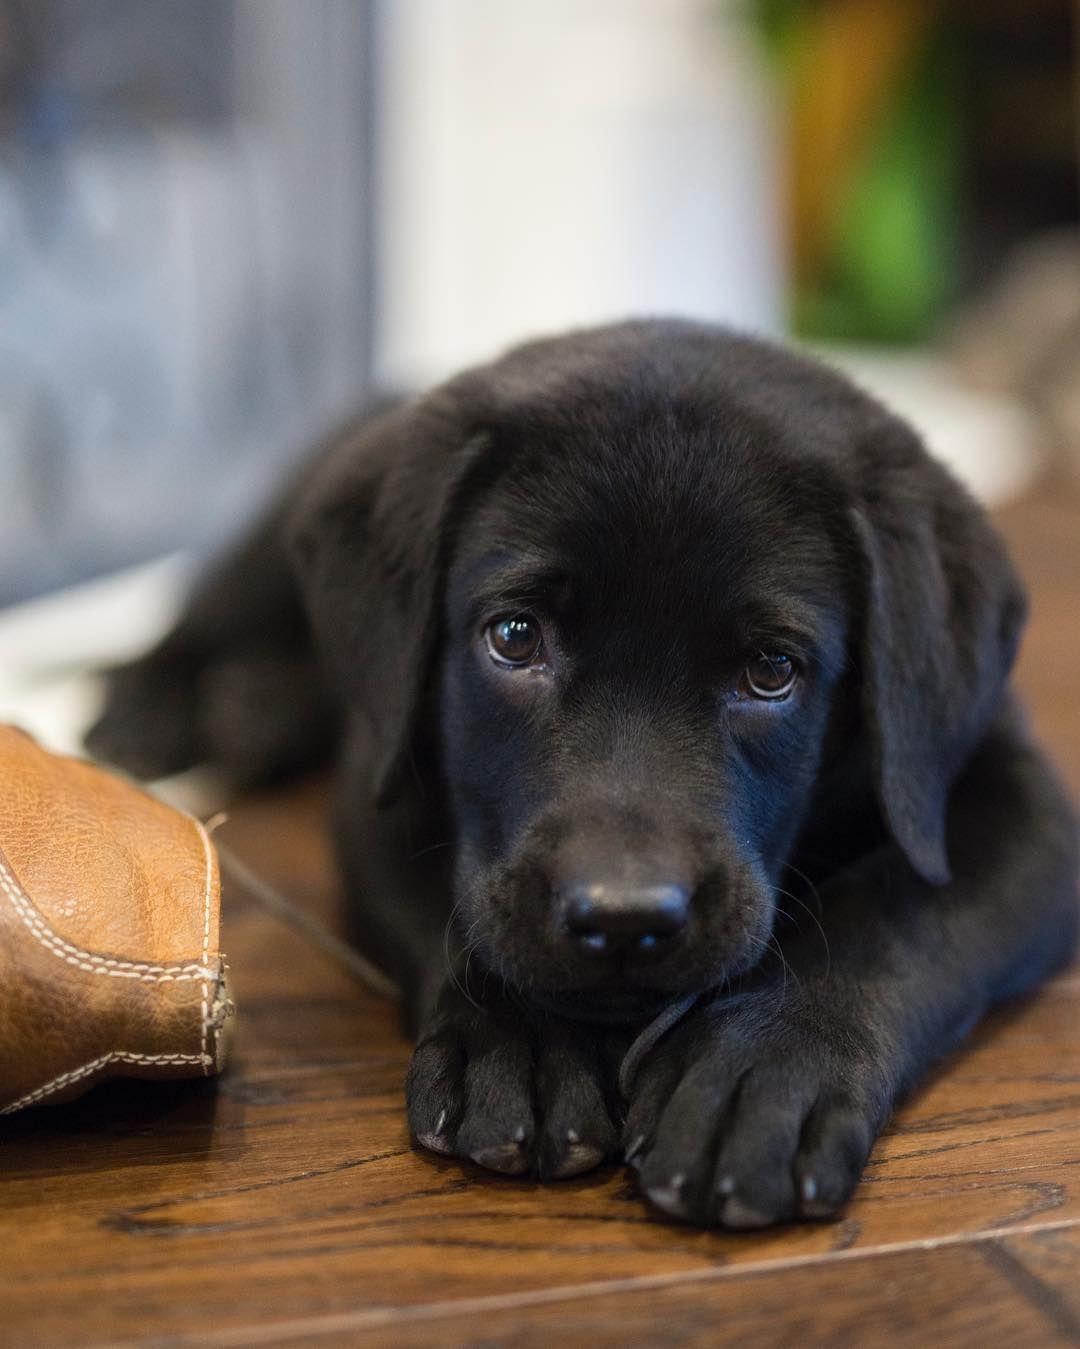 If You Love Labradors Visit Our Blog Labrador Labradorretriever Labradorcentral Retriever Labrador Cute Labrador Puppies Labrador Puppy Puppies